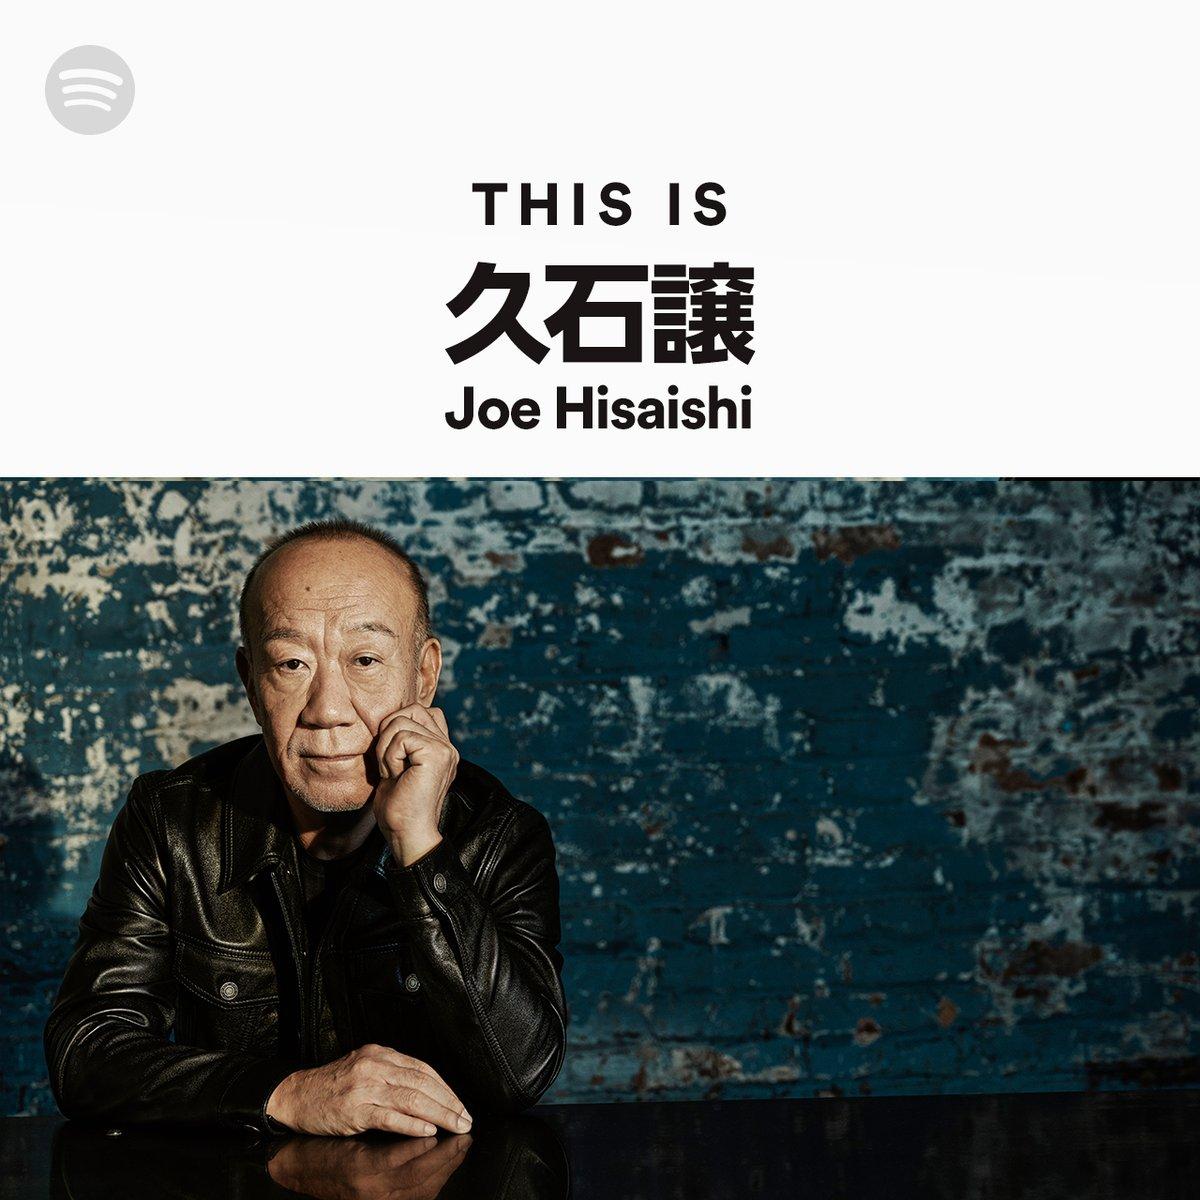 ジブリ音楽をはじめ、多くの名曲生み出してきた #久石譲 さん (@official_joeh) の楽曲も🎶プレイリスト